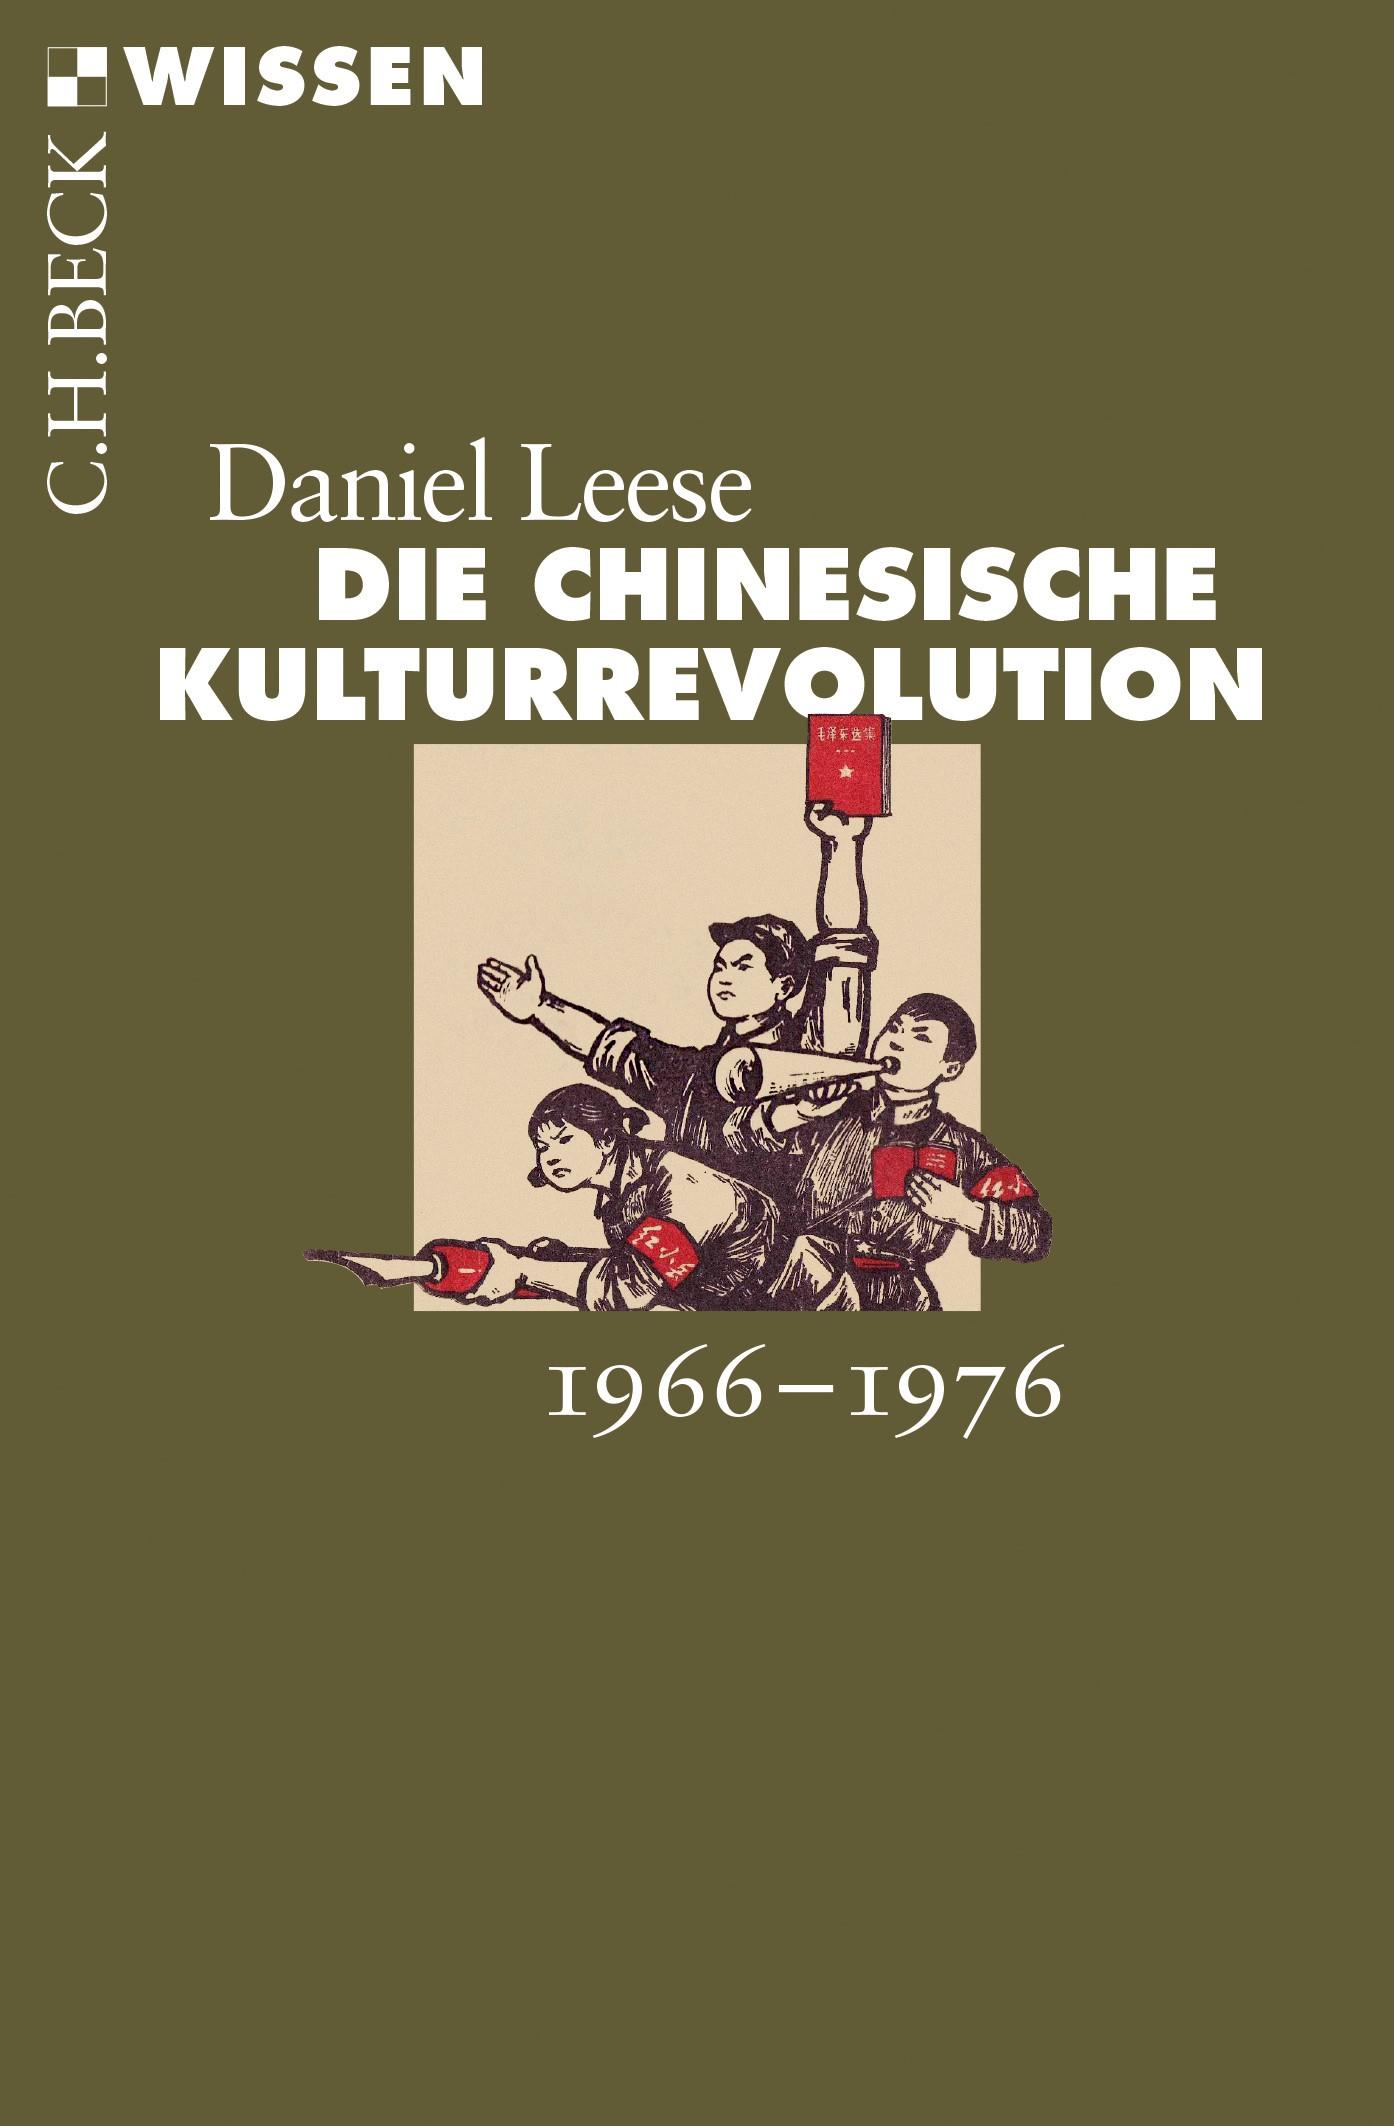 Cover des Buches 'Die chinesische Kulturrevolution'